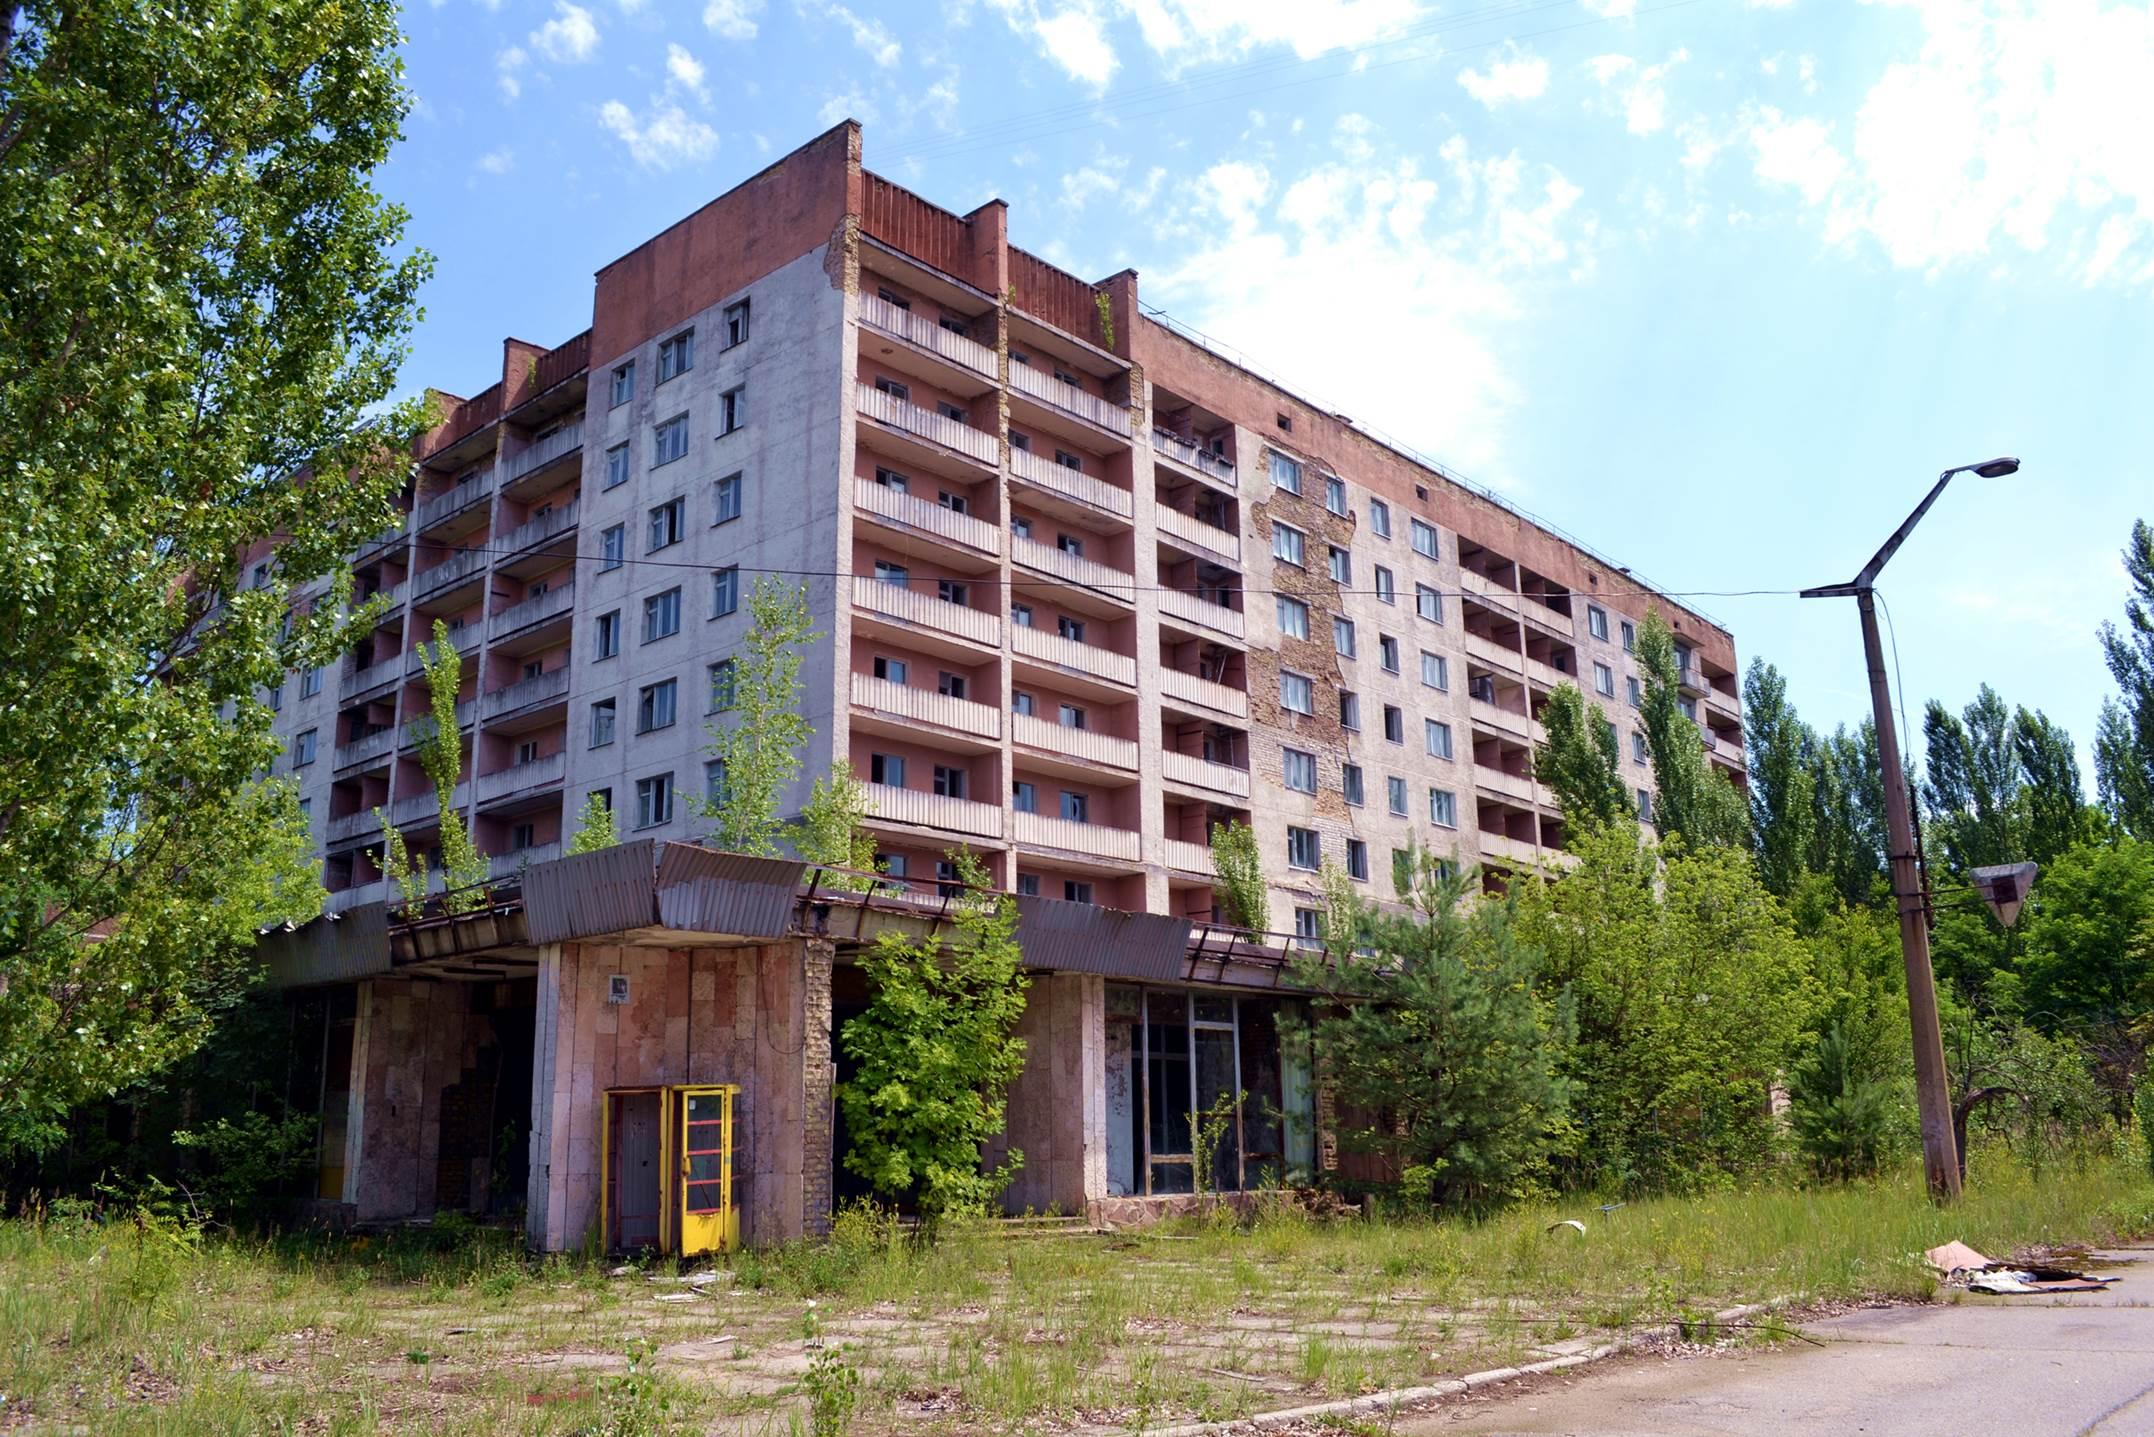 chernobyl_ucrania_pripyat_1